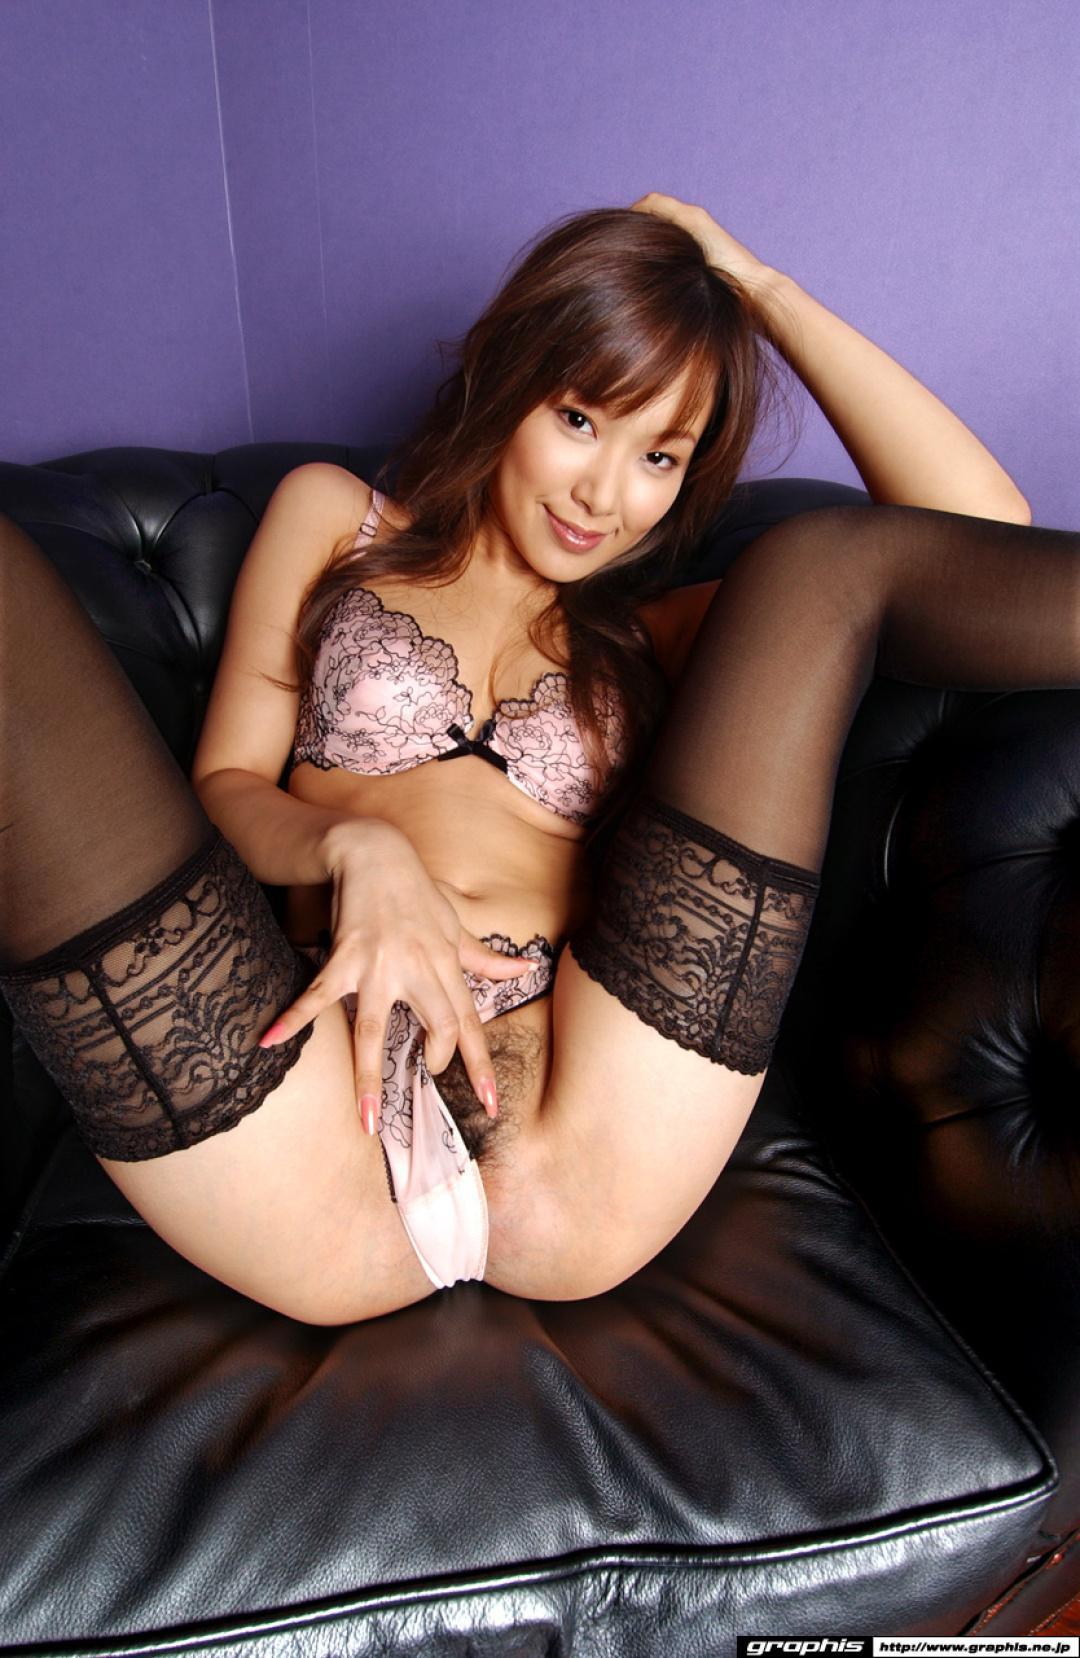 image http://scanlover.com/assets/images/2170-JzuYju1SpnTEPUi3.jpeg